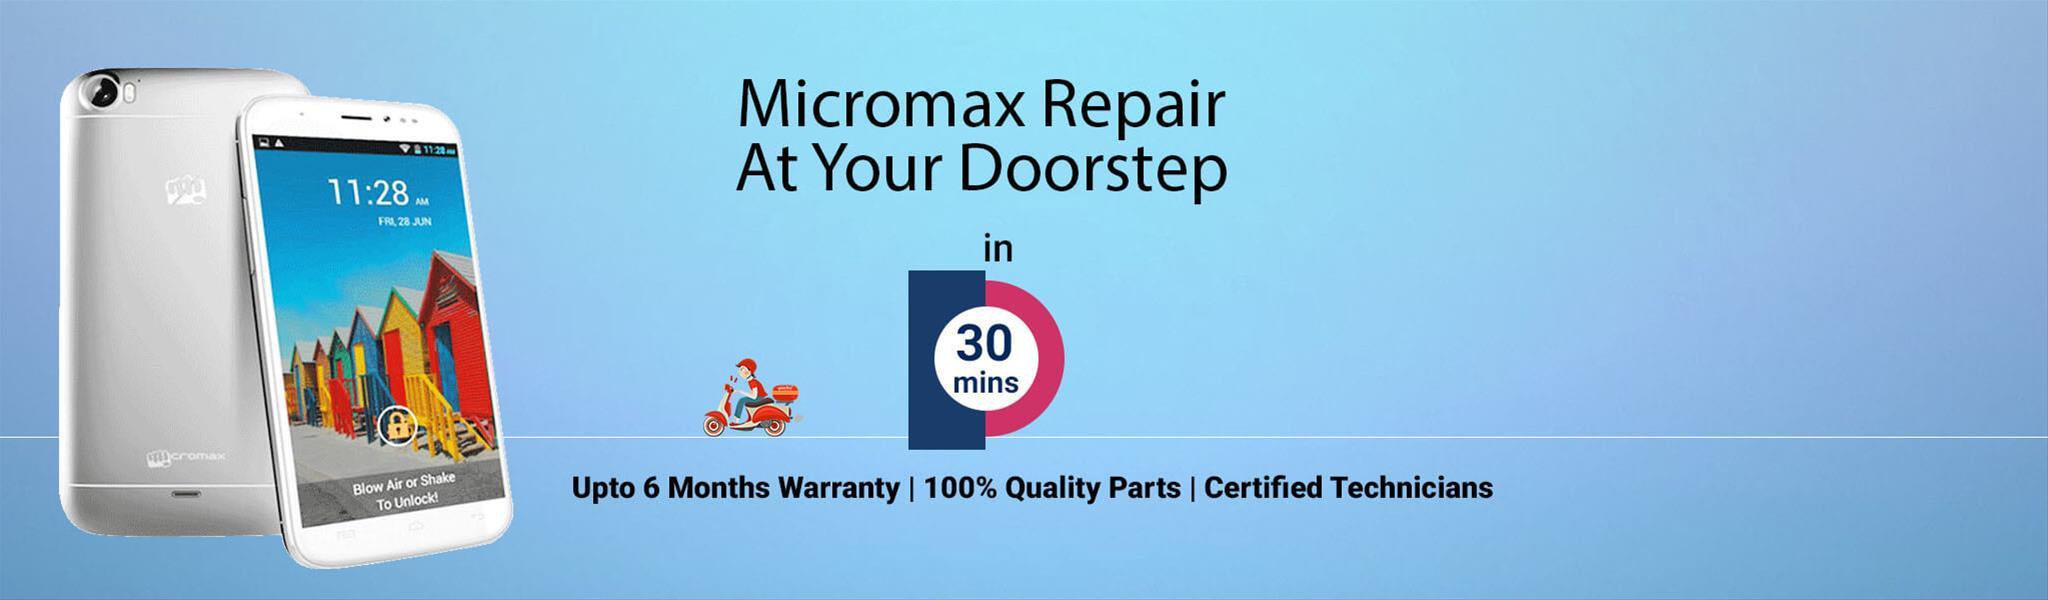 micromax-repair-service-banner-delhi.jpg